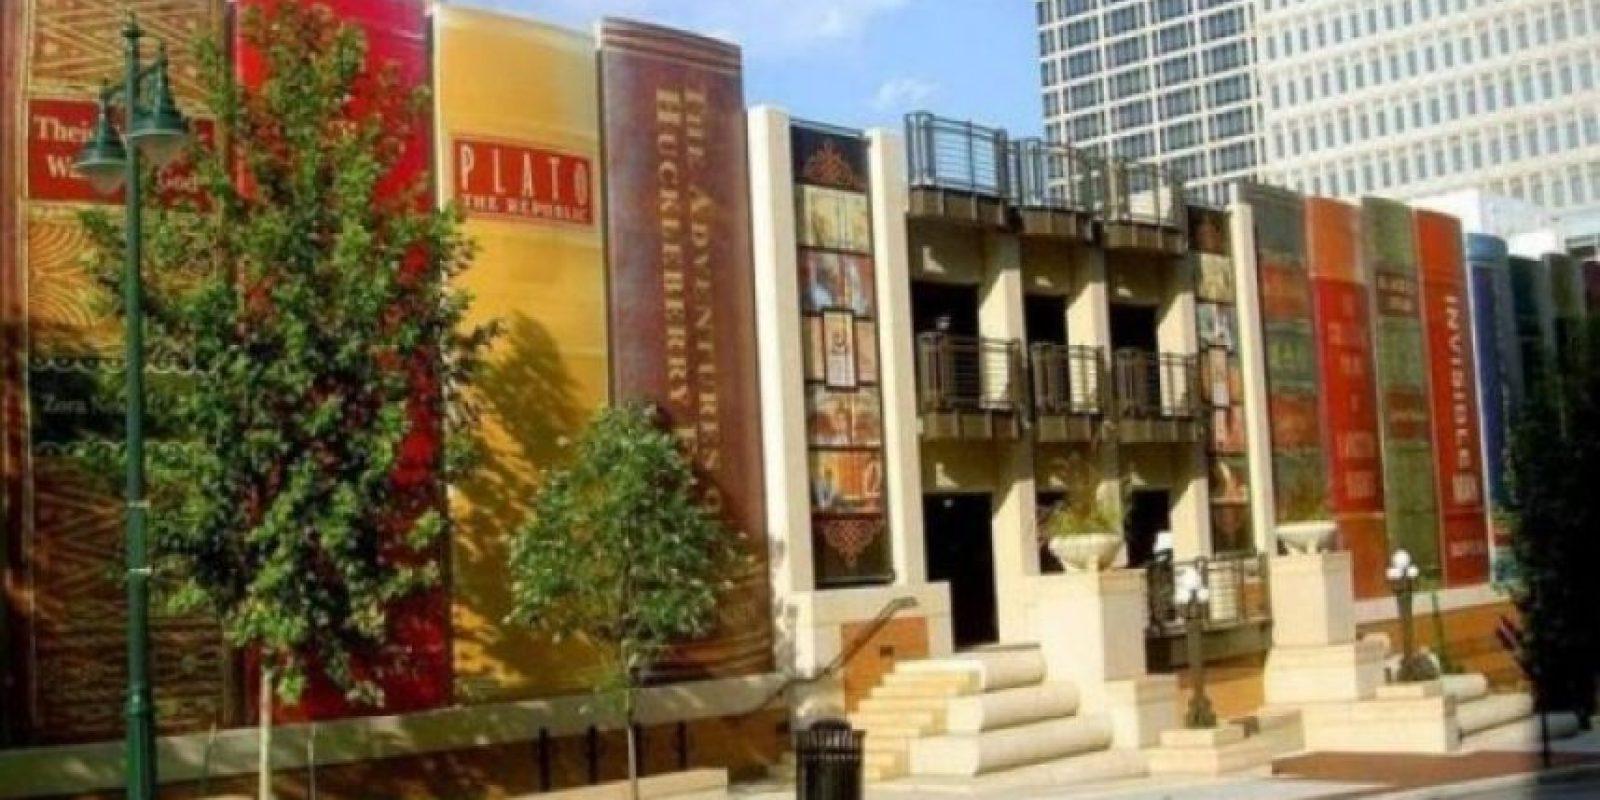 El estacionamiento literario en Kansas City, Estados Unidos, es el estacionamiento de la Biblioteca Pública de la ciudad.